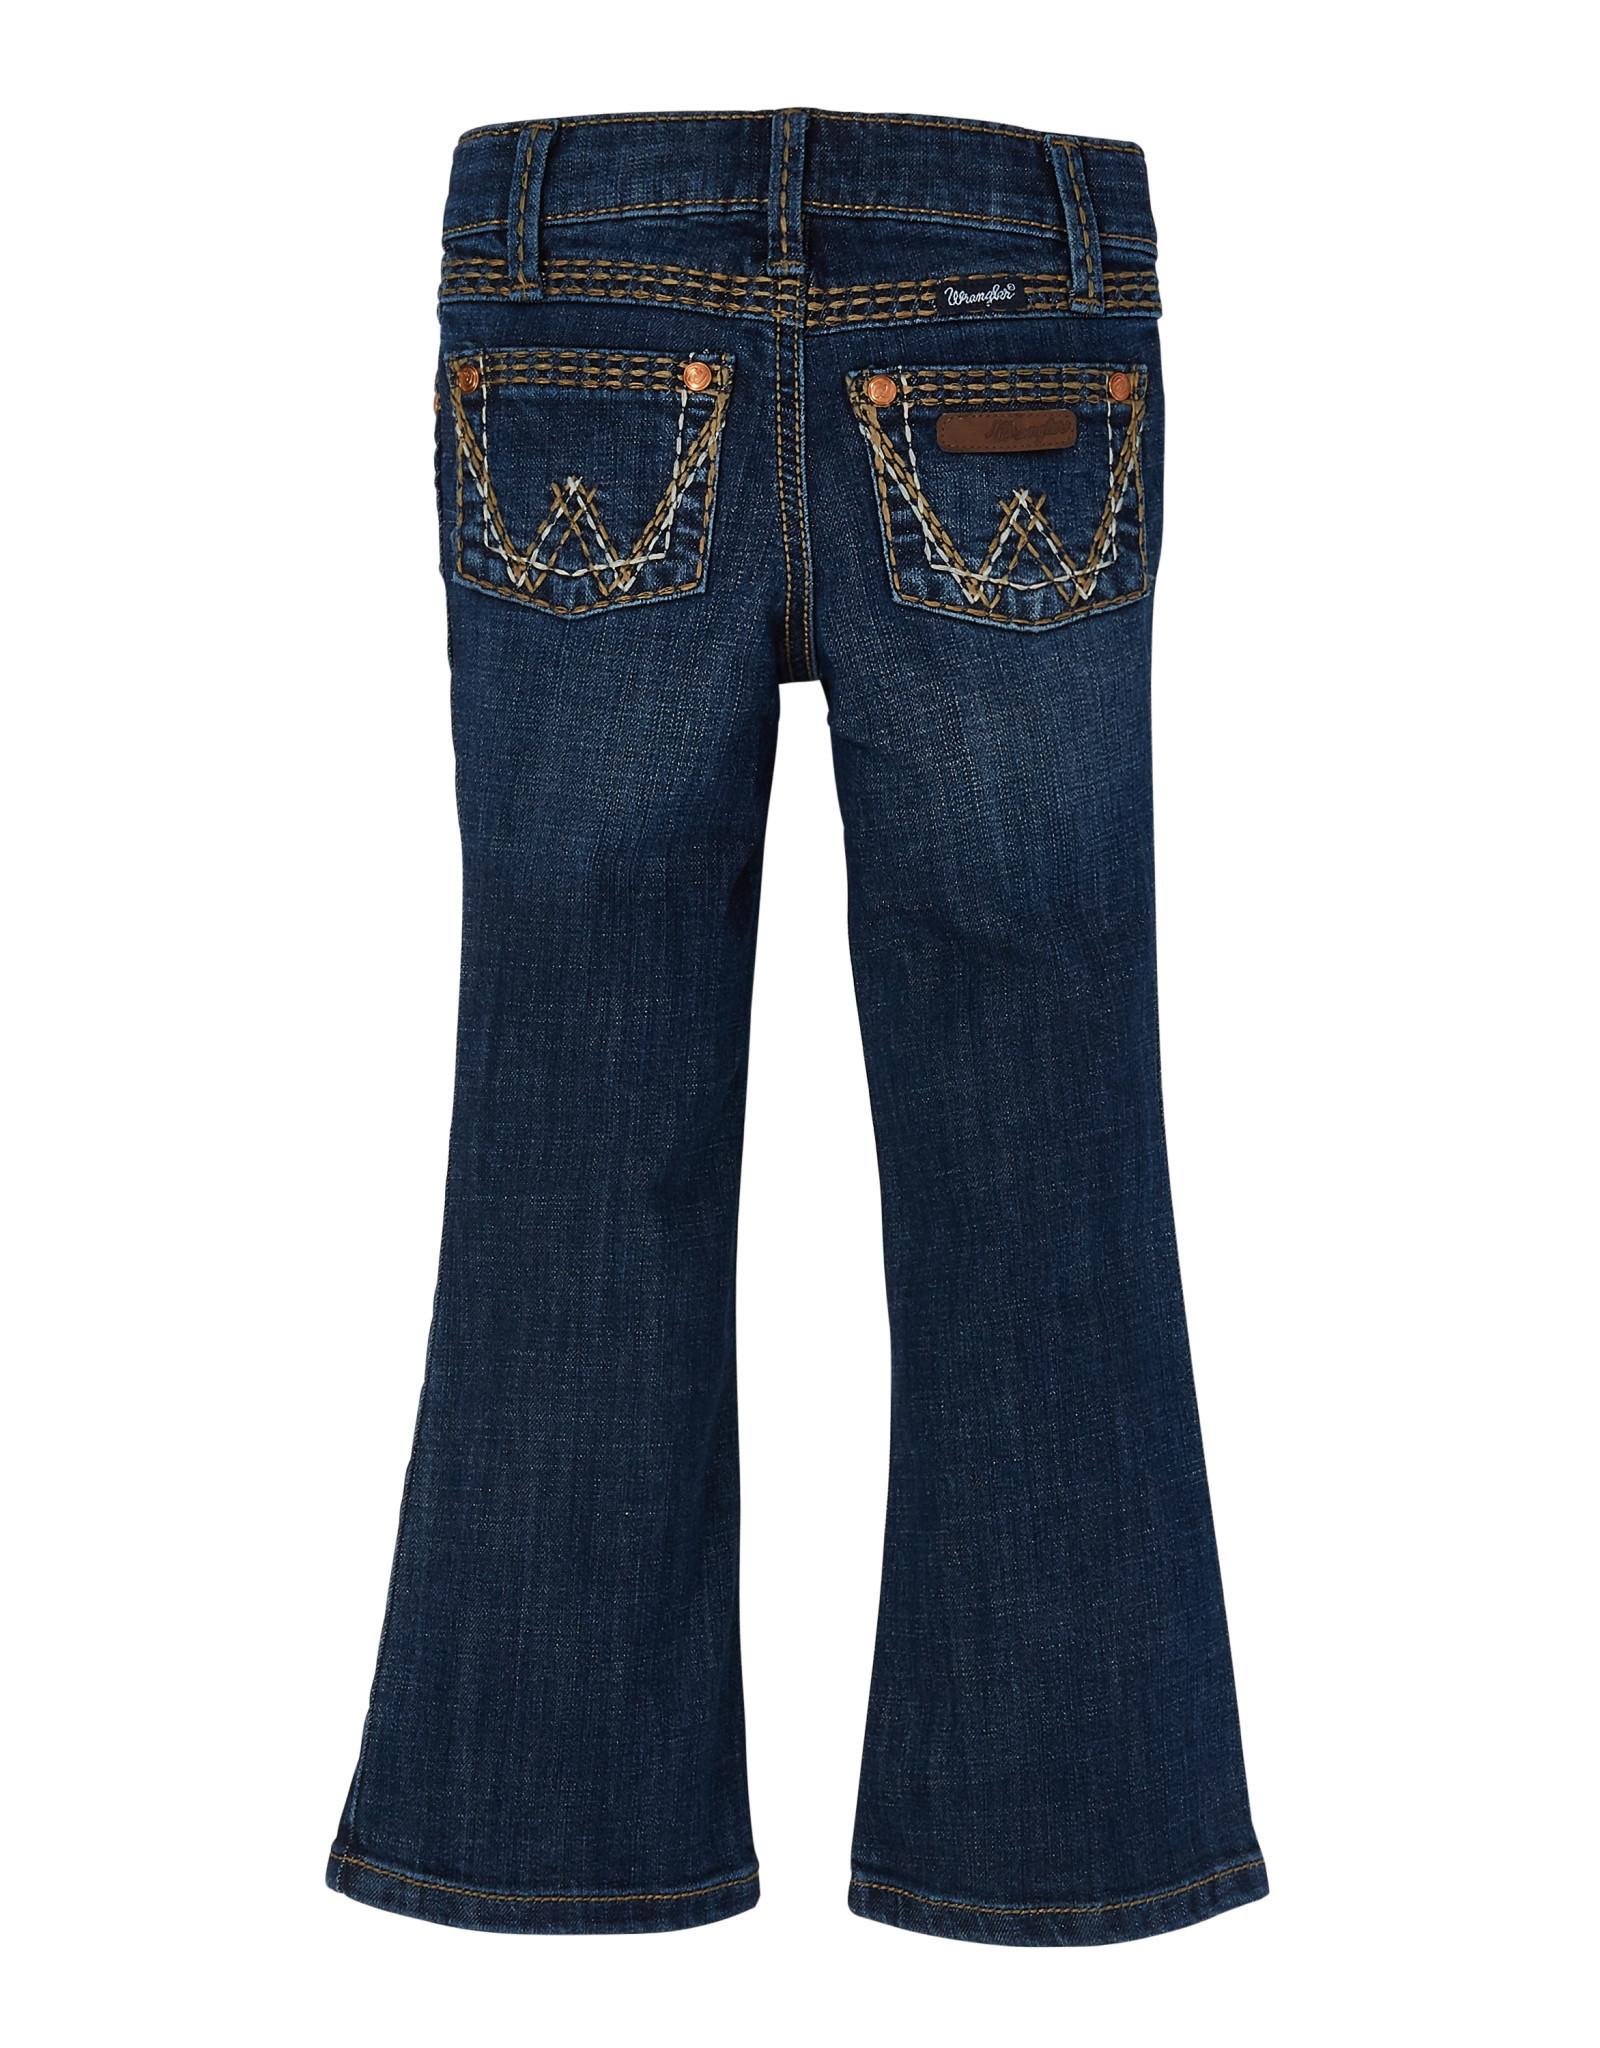 Girls Wrangler Retro Jeans 9MWGHS